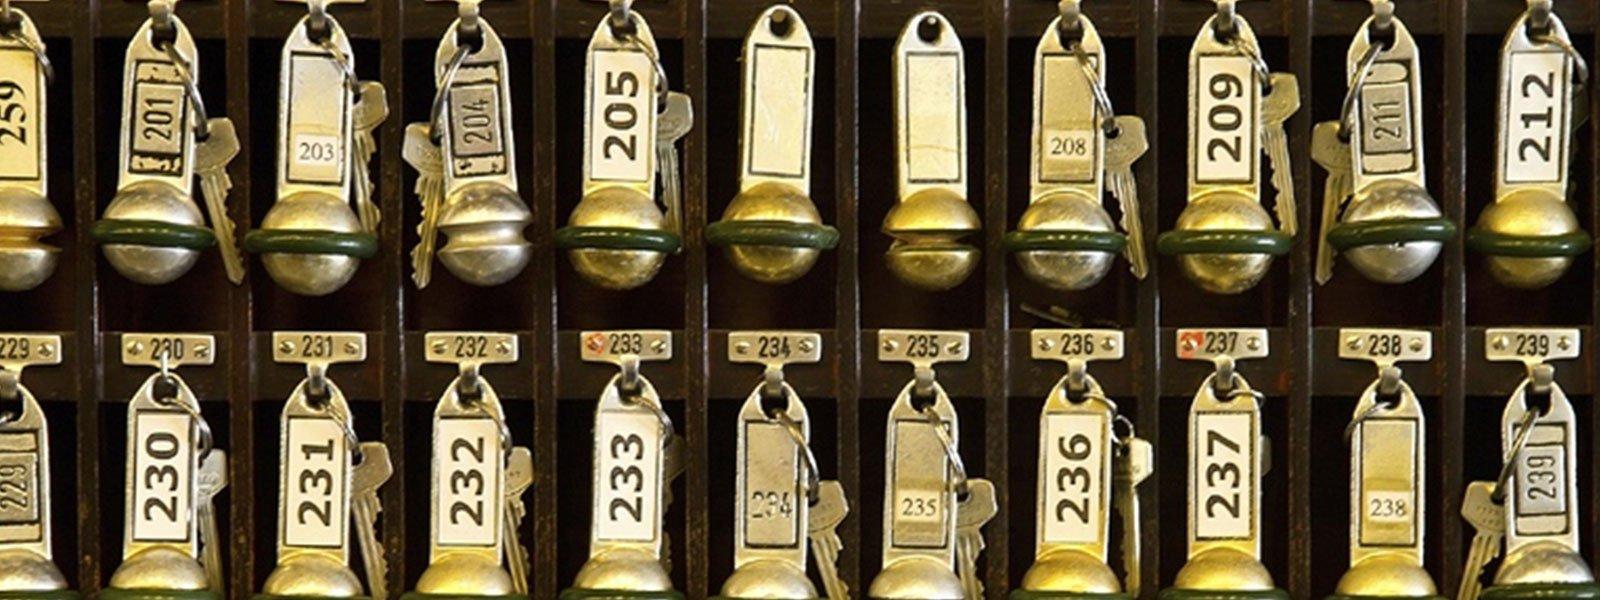 Le chiave delle camere